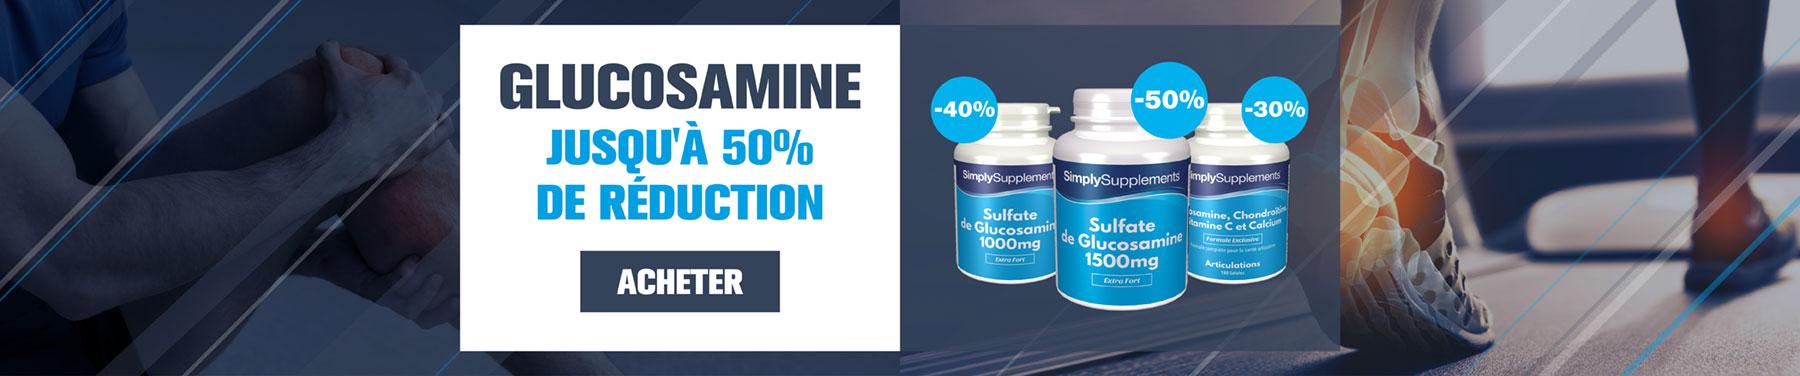 Glucosamine - Jusqu'à 50% de réduction